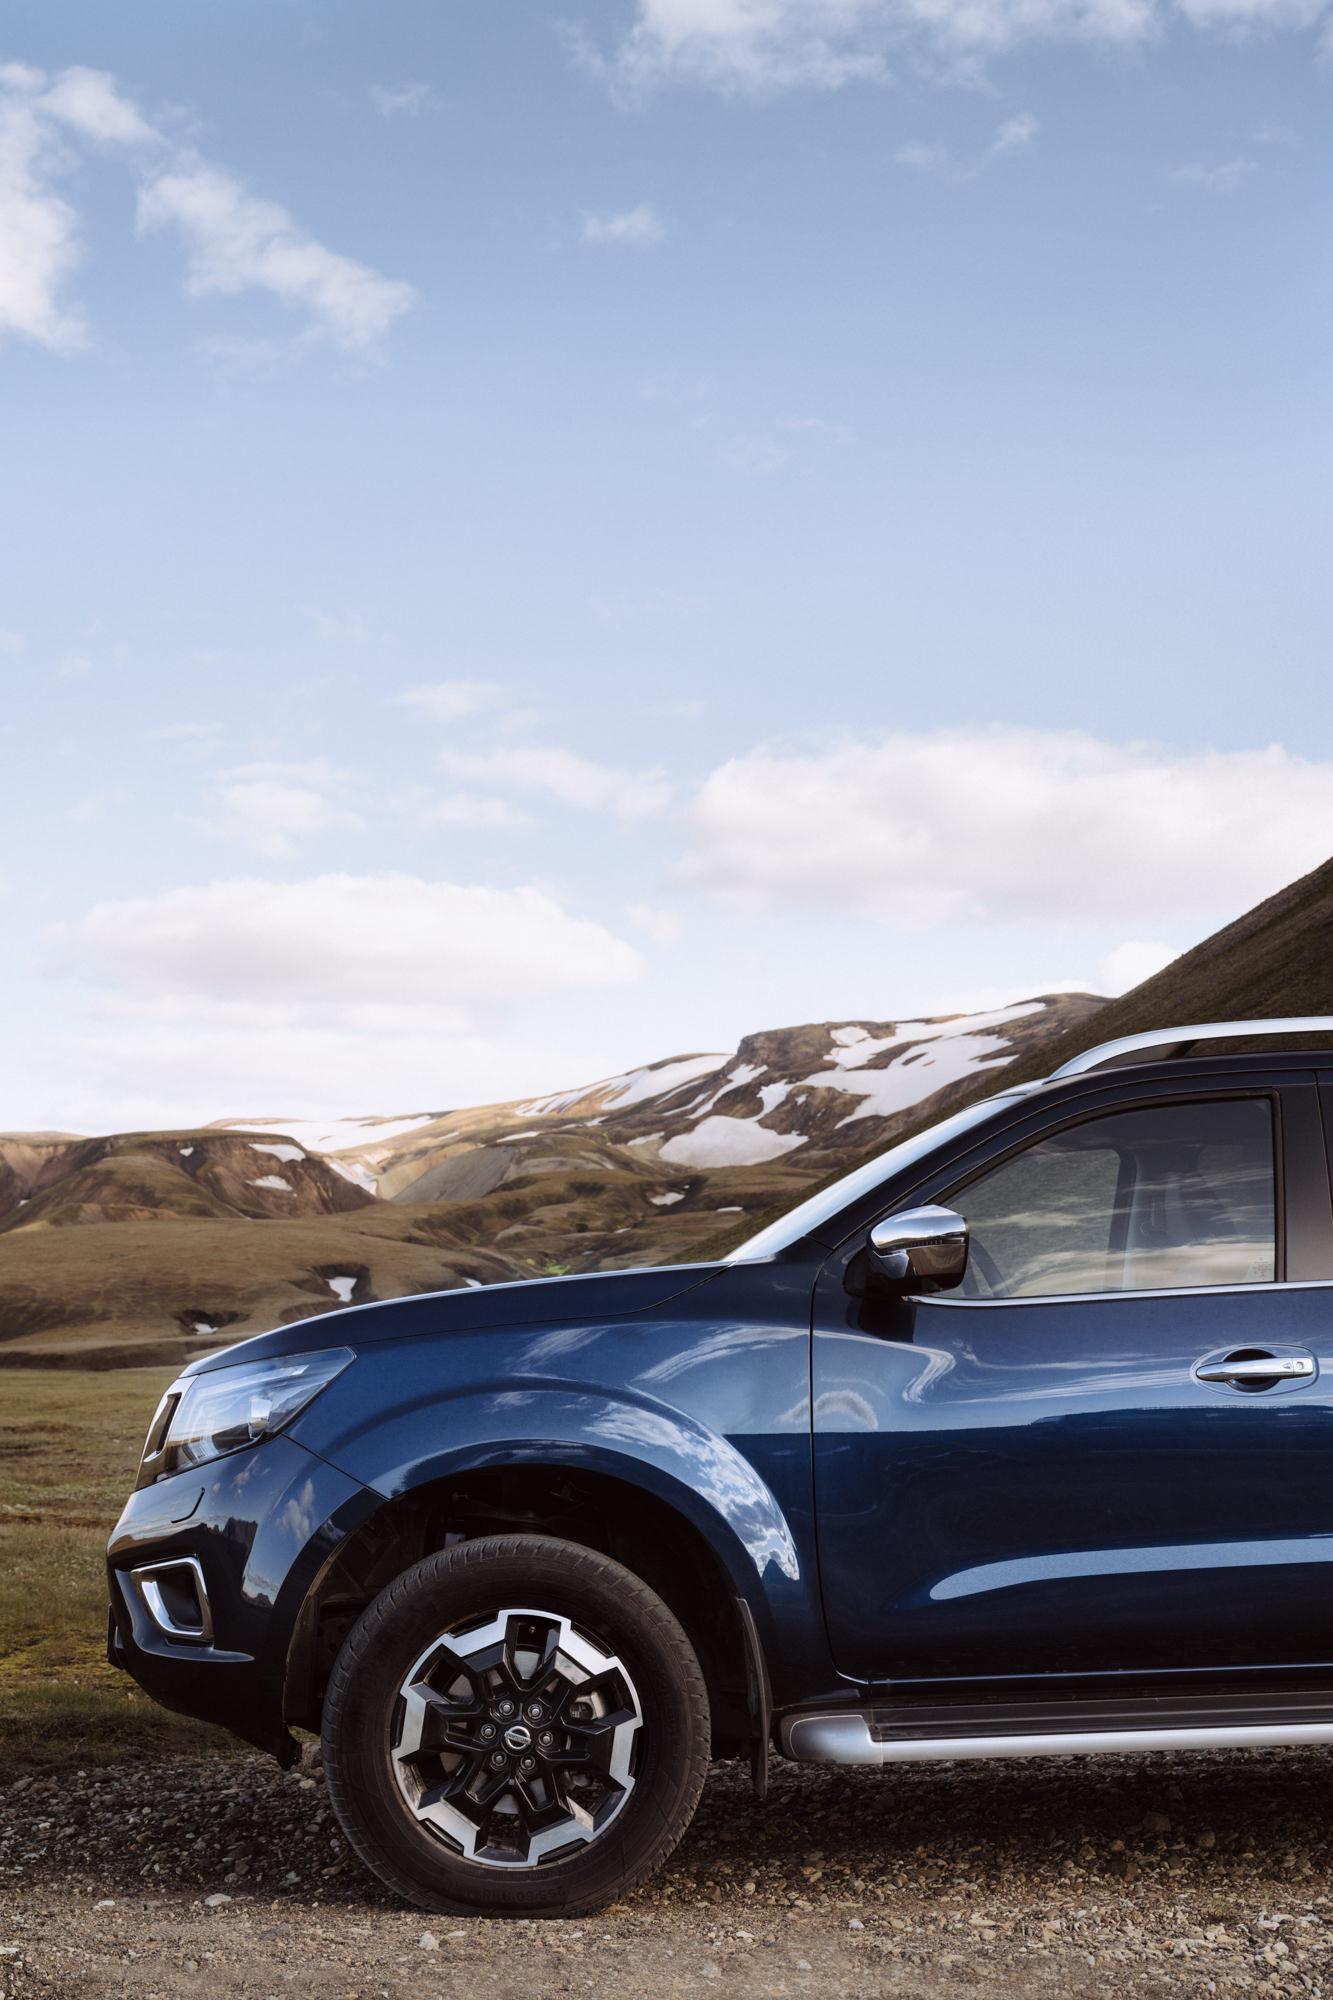 Nissan_Navara_Iceland_PR-0803